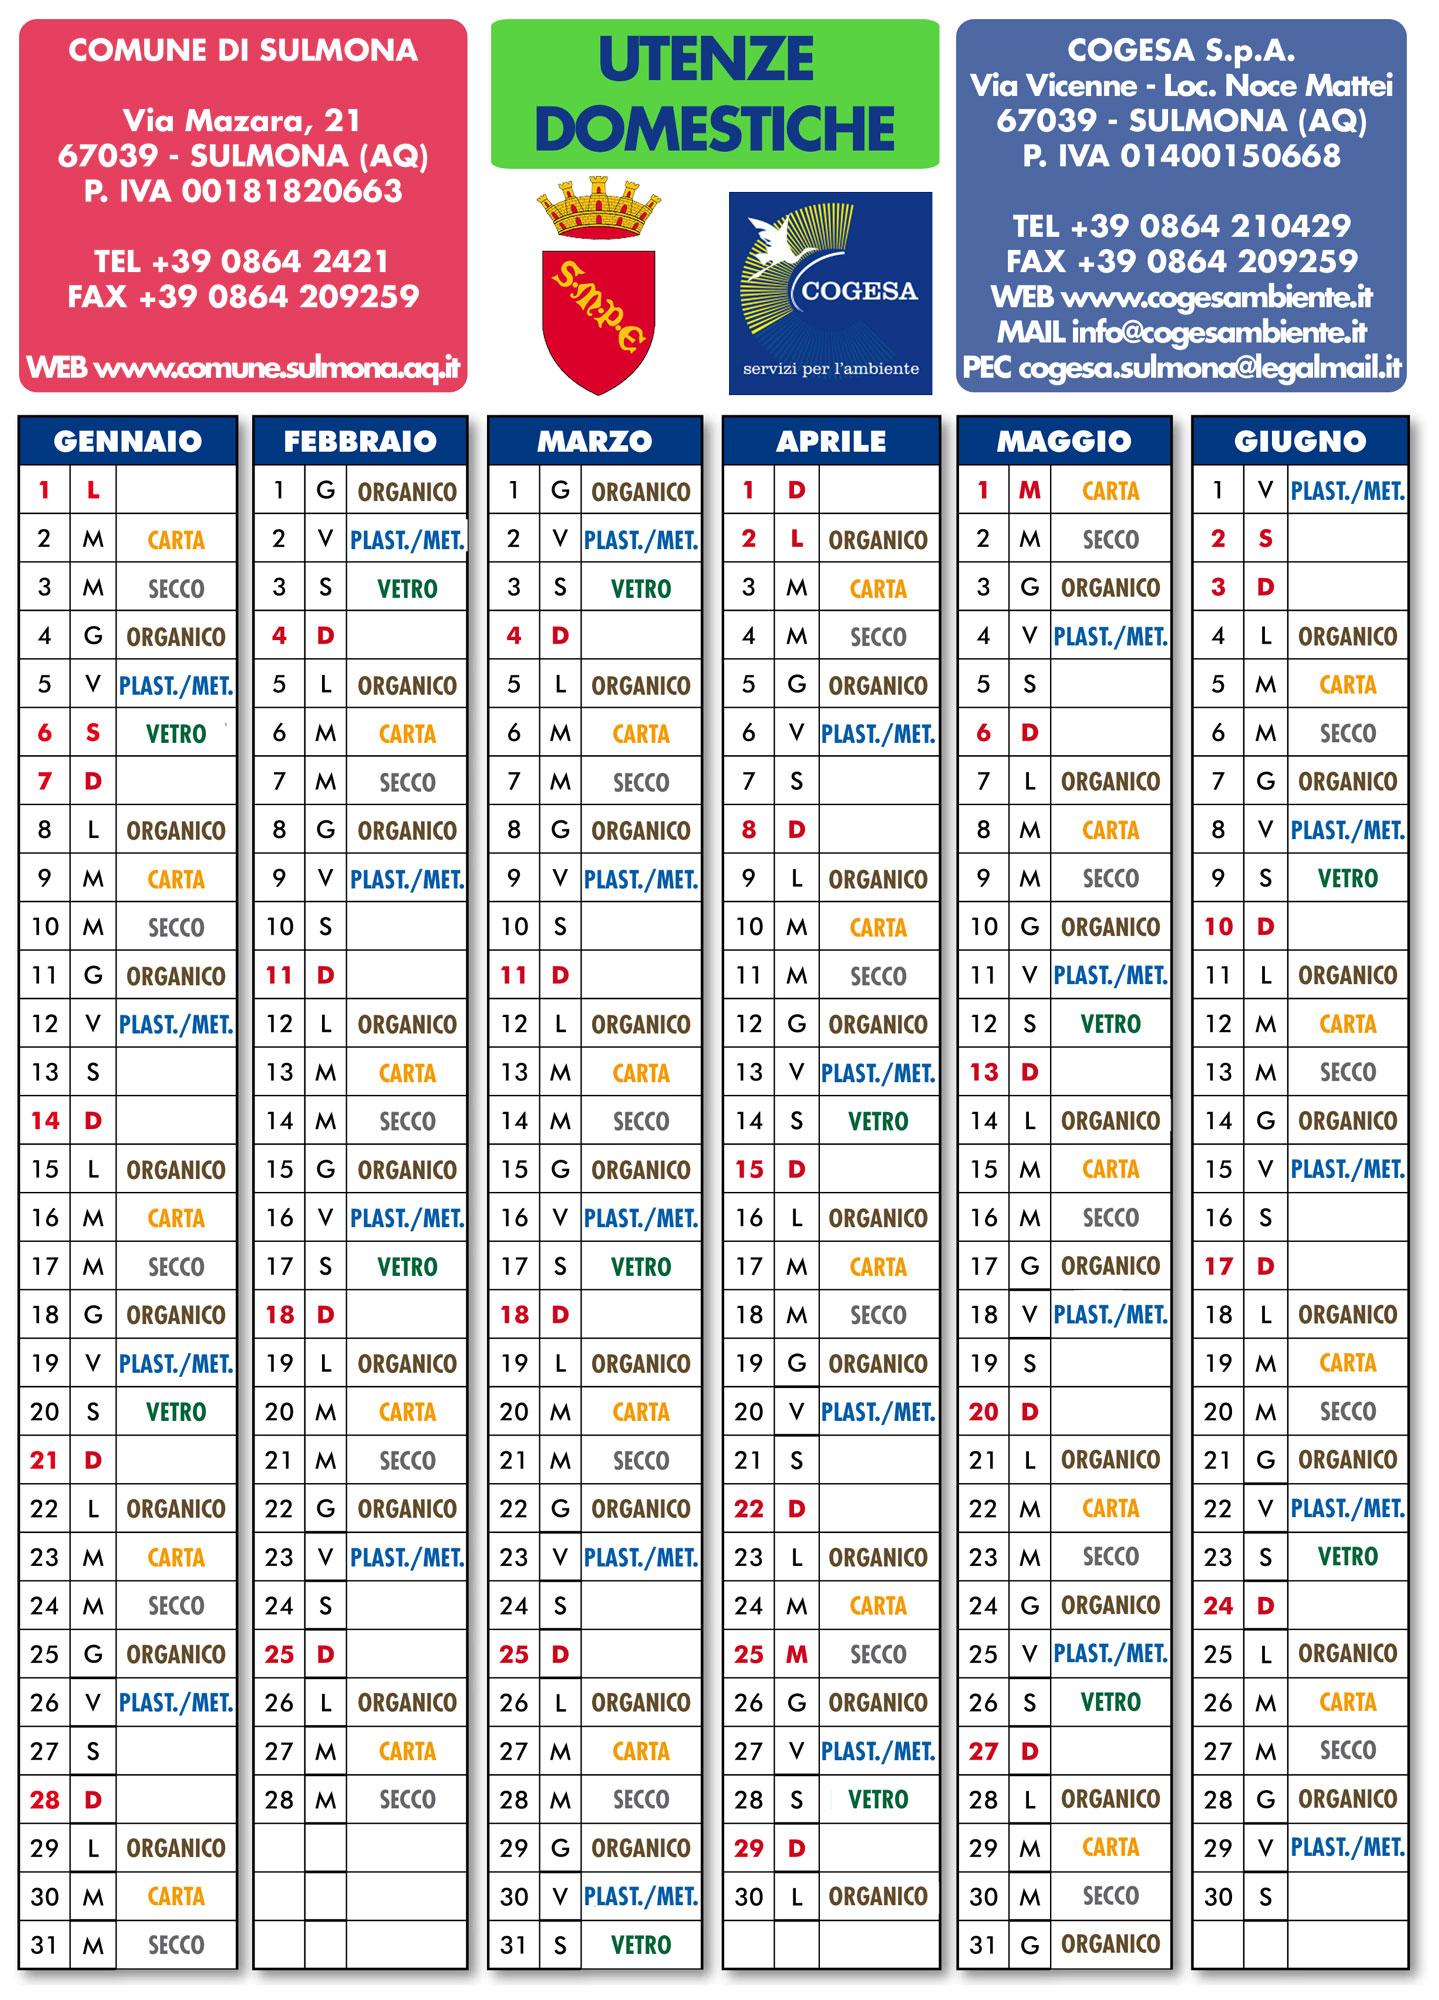 Calendario Raccolta Differenziata Napoli.Sulmona Dal 2 Gennaio La Raccolta Differenziata Sara Estesa